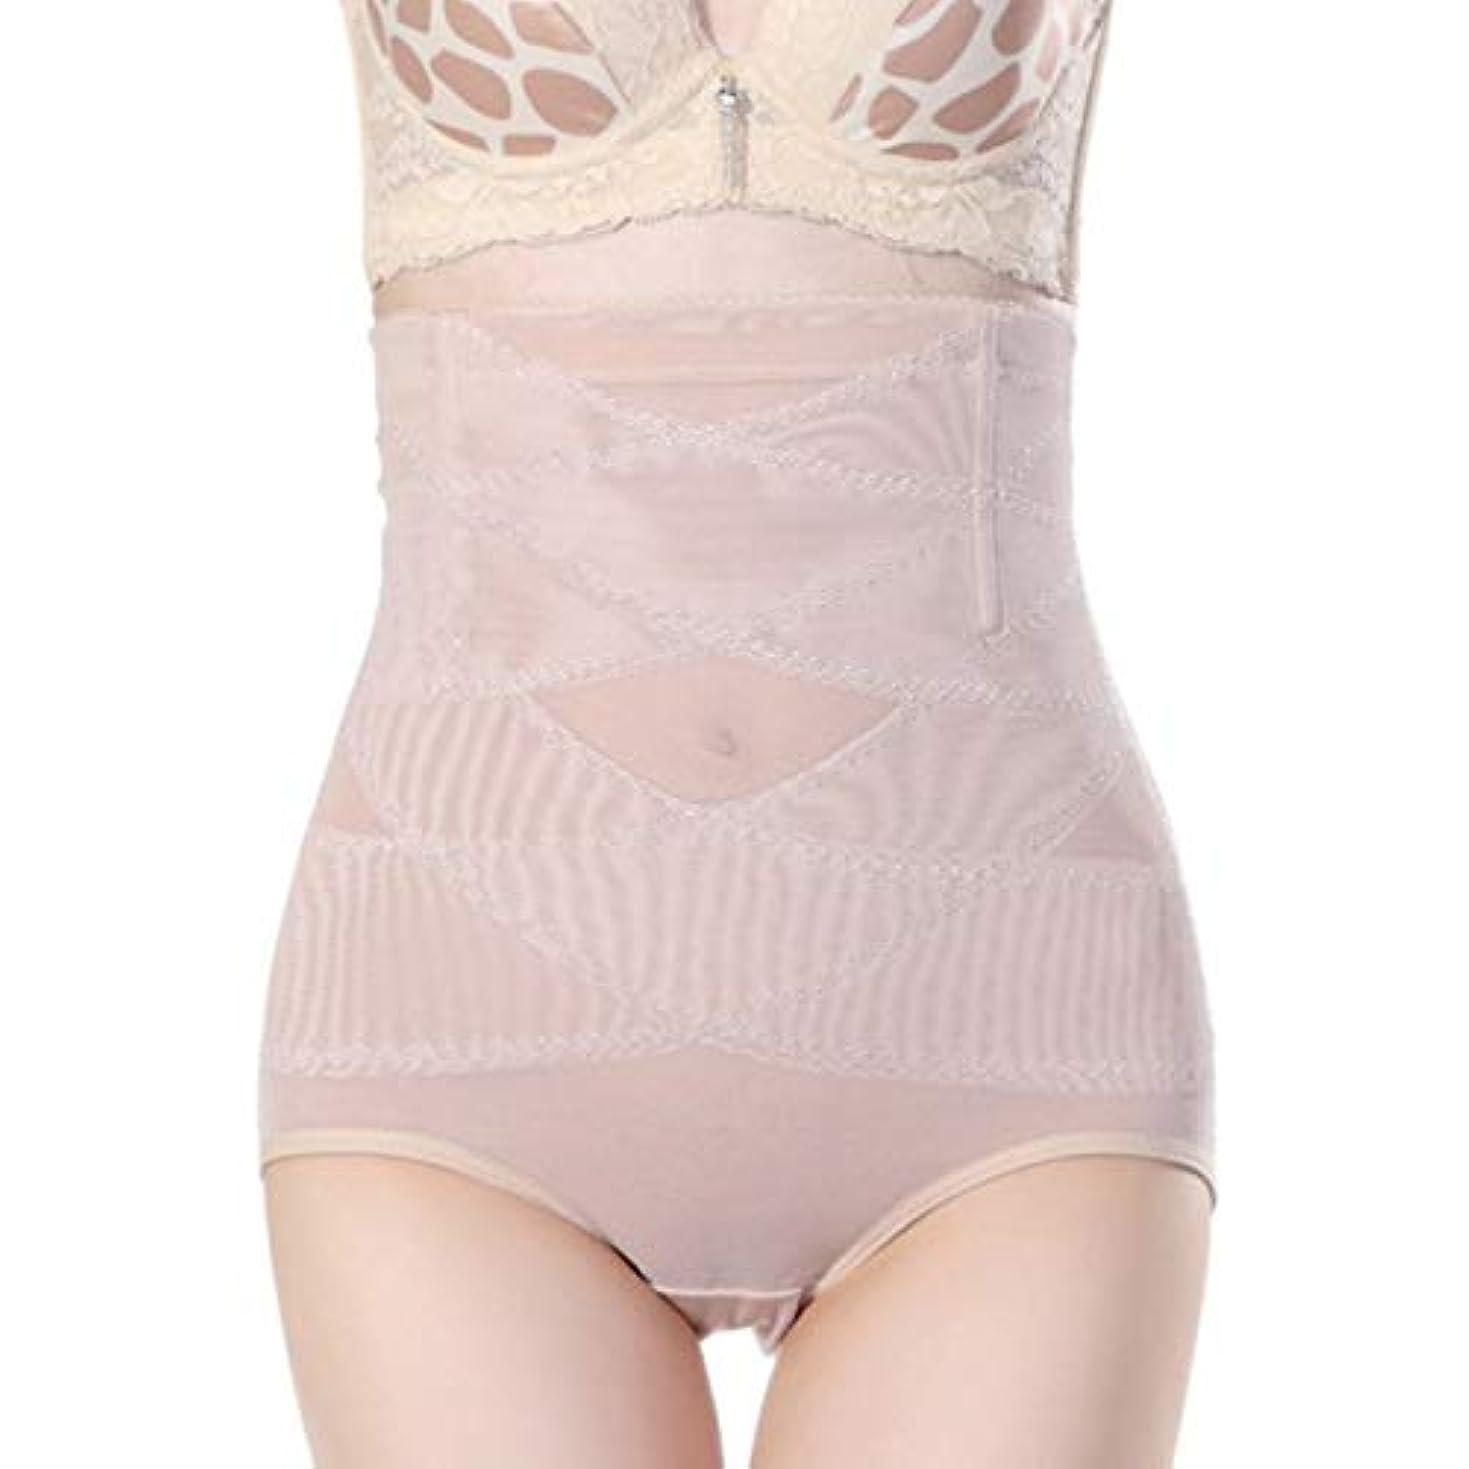 必要部長方形腹部制御下着シームレスおなかコントロールパンティーバットリフターボディシェイパーを痩身通気性のハイウエストの女性 - 肌色2 XL